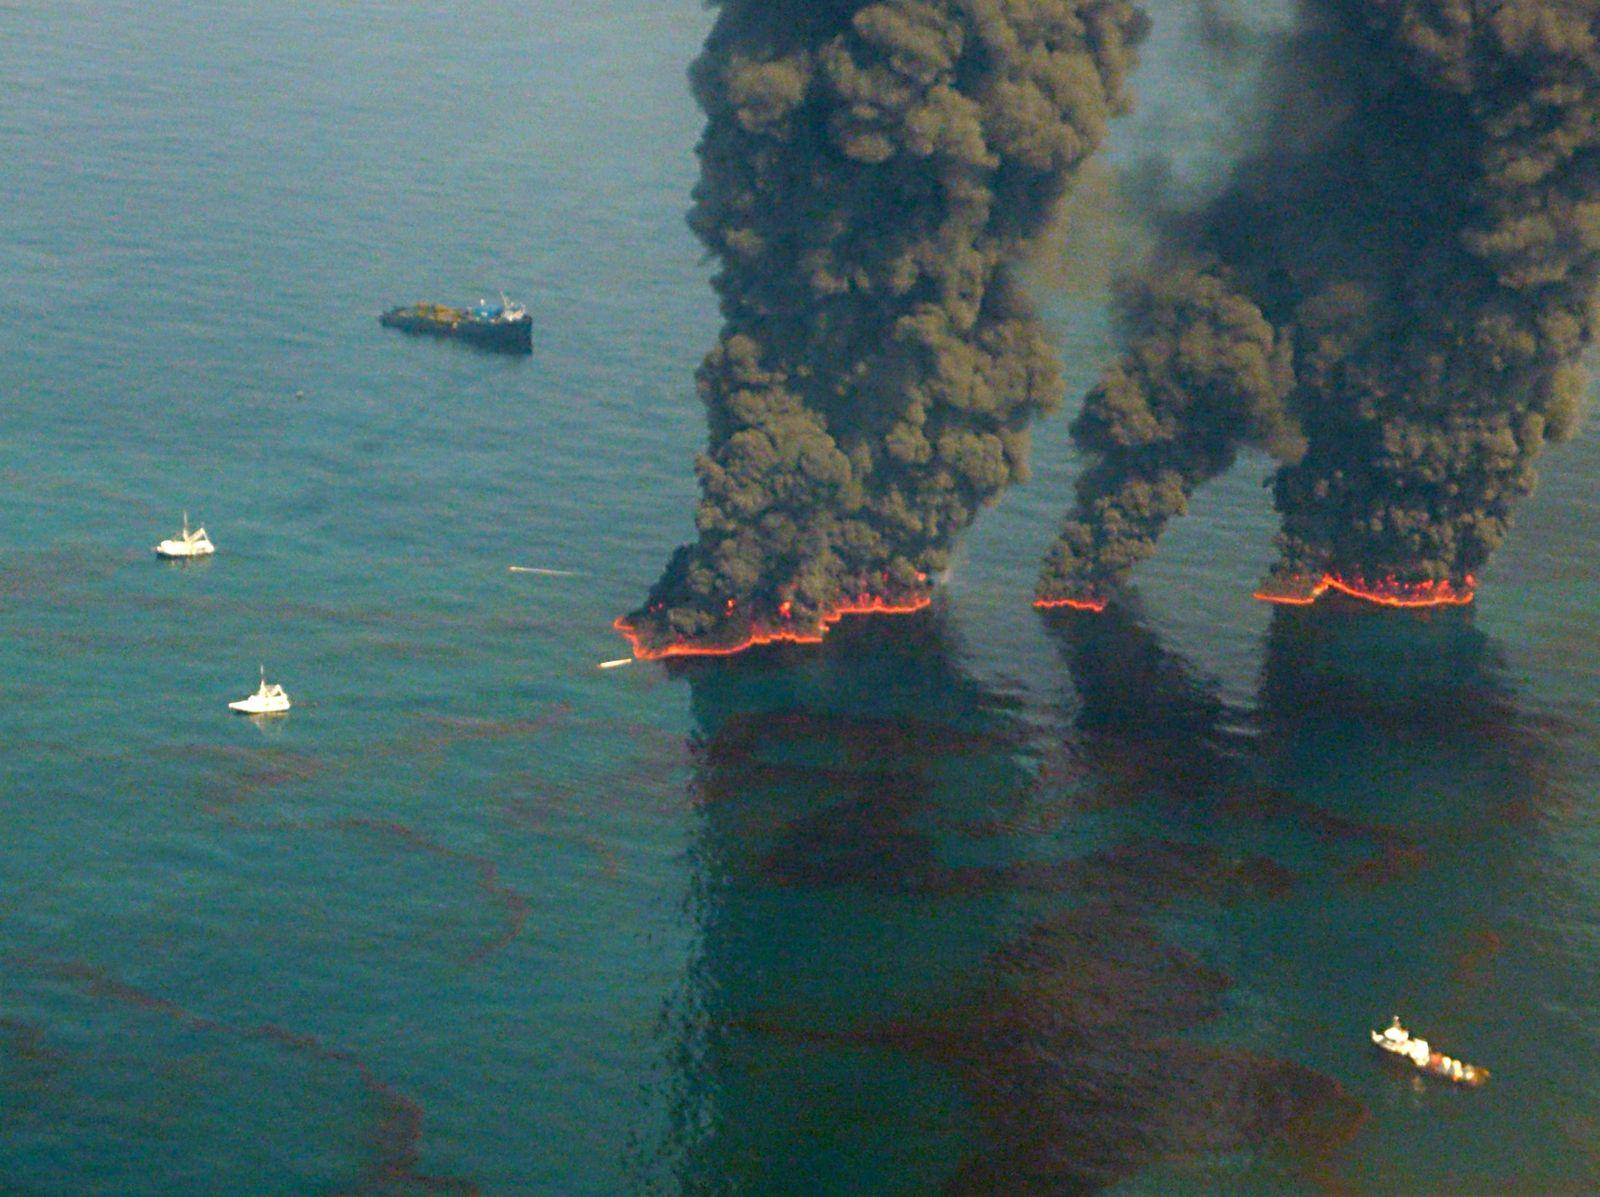 US-BLAST-OIL-BURN